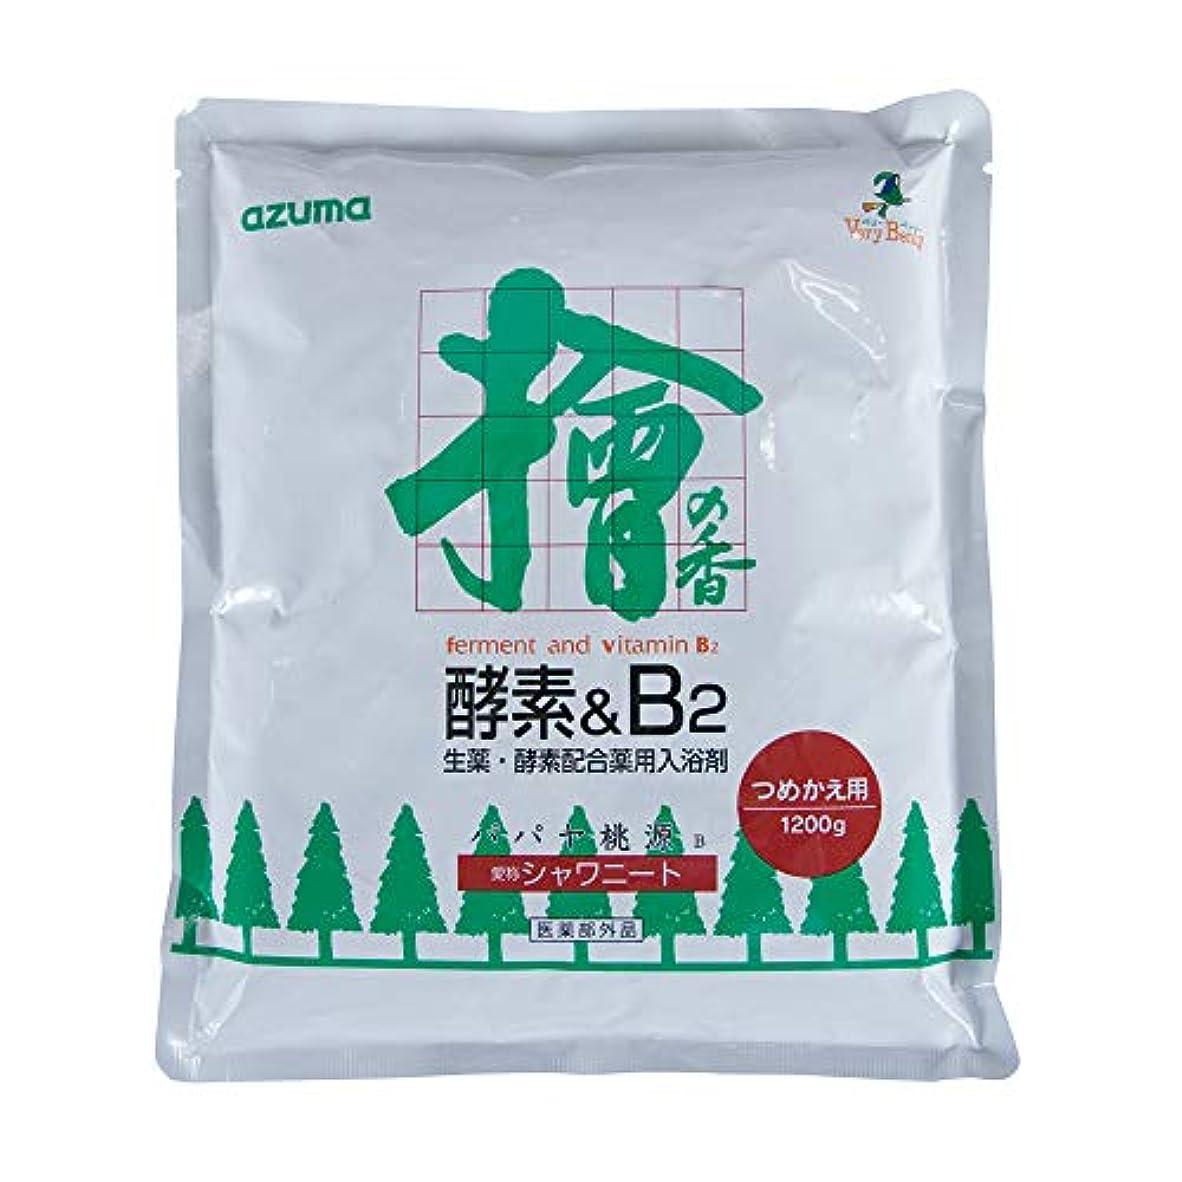 ウイルス消防士安らぎアズマ 入浴剤 TKシャワニートつめかえ用 1200g 120回分 有効成分を贅沢に使用 ヒノキの香り